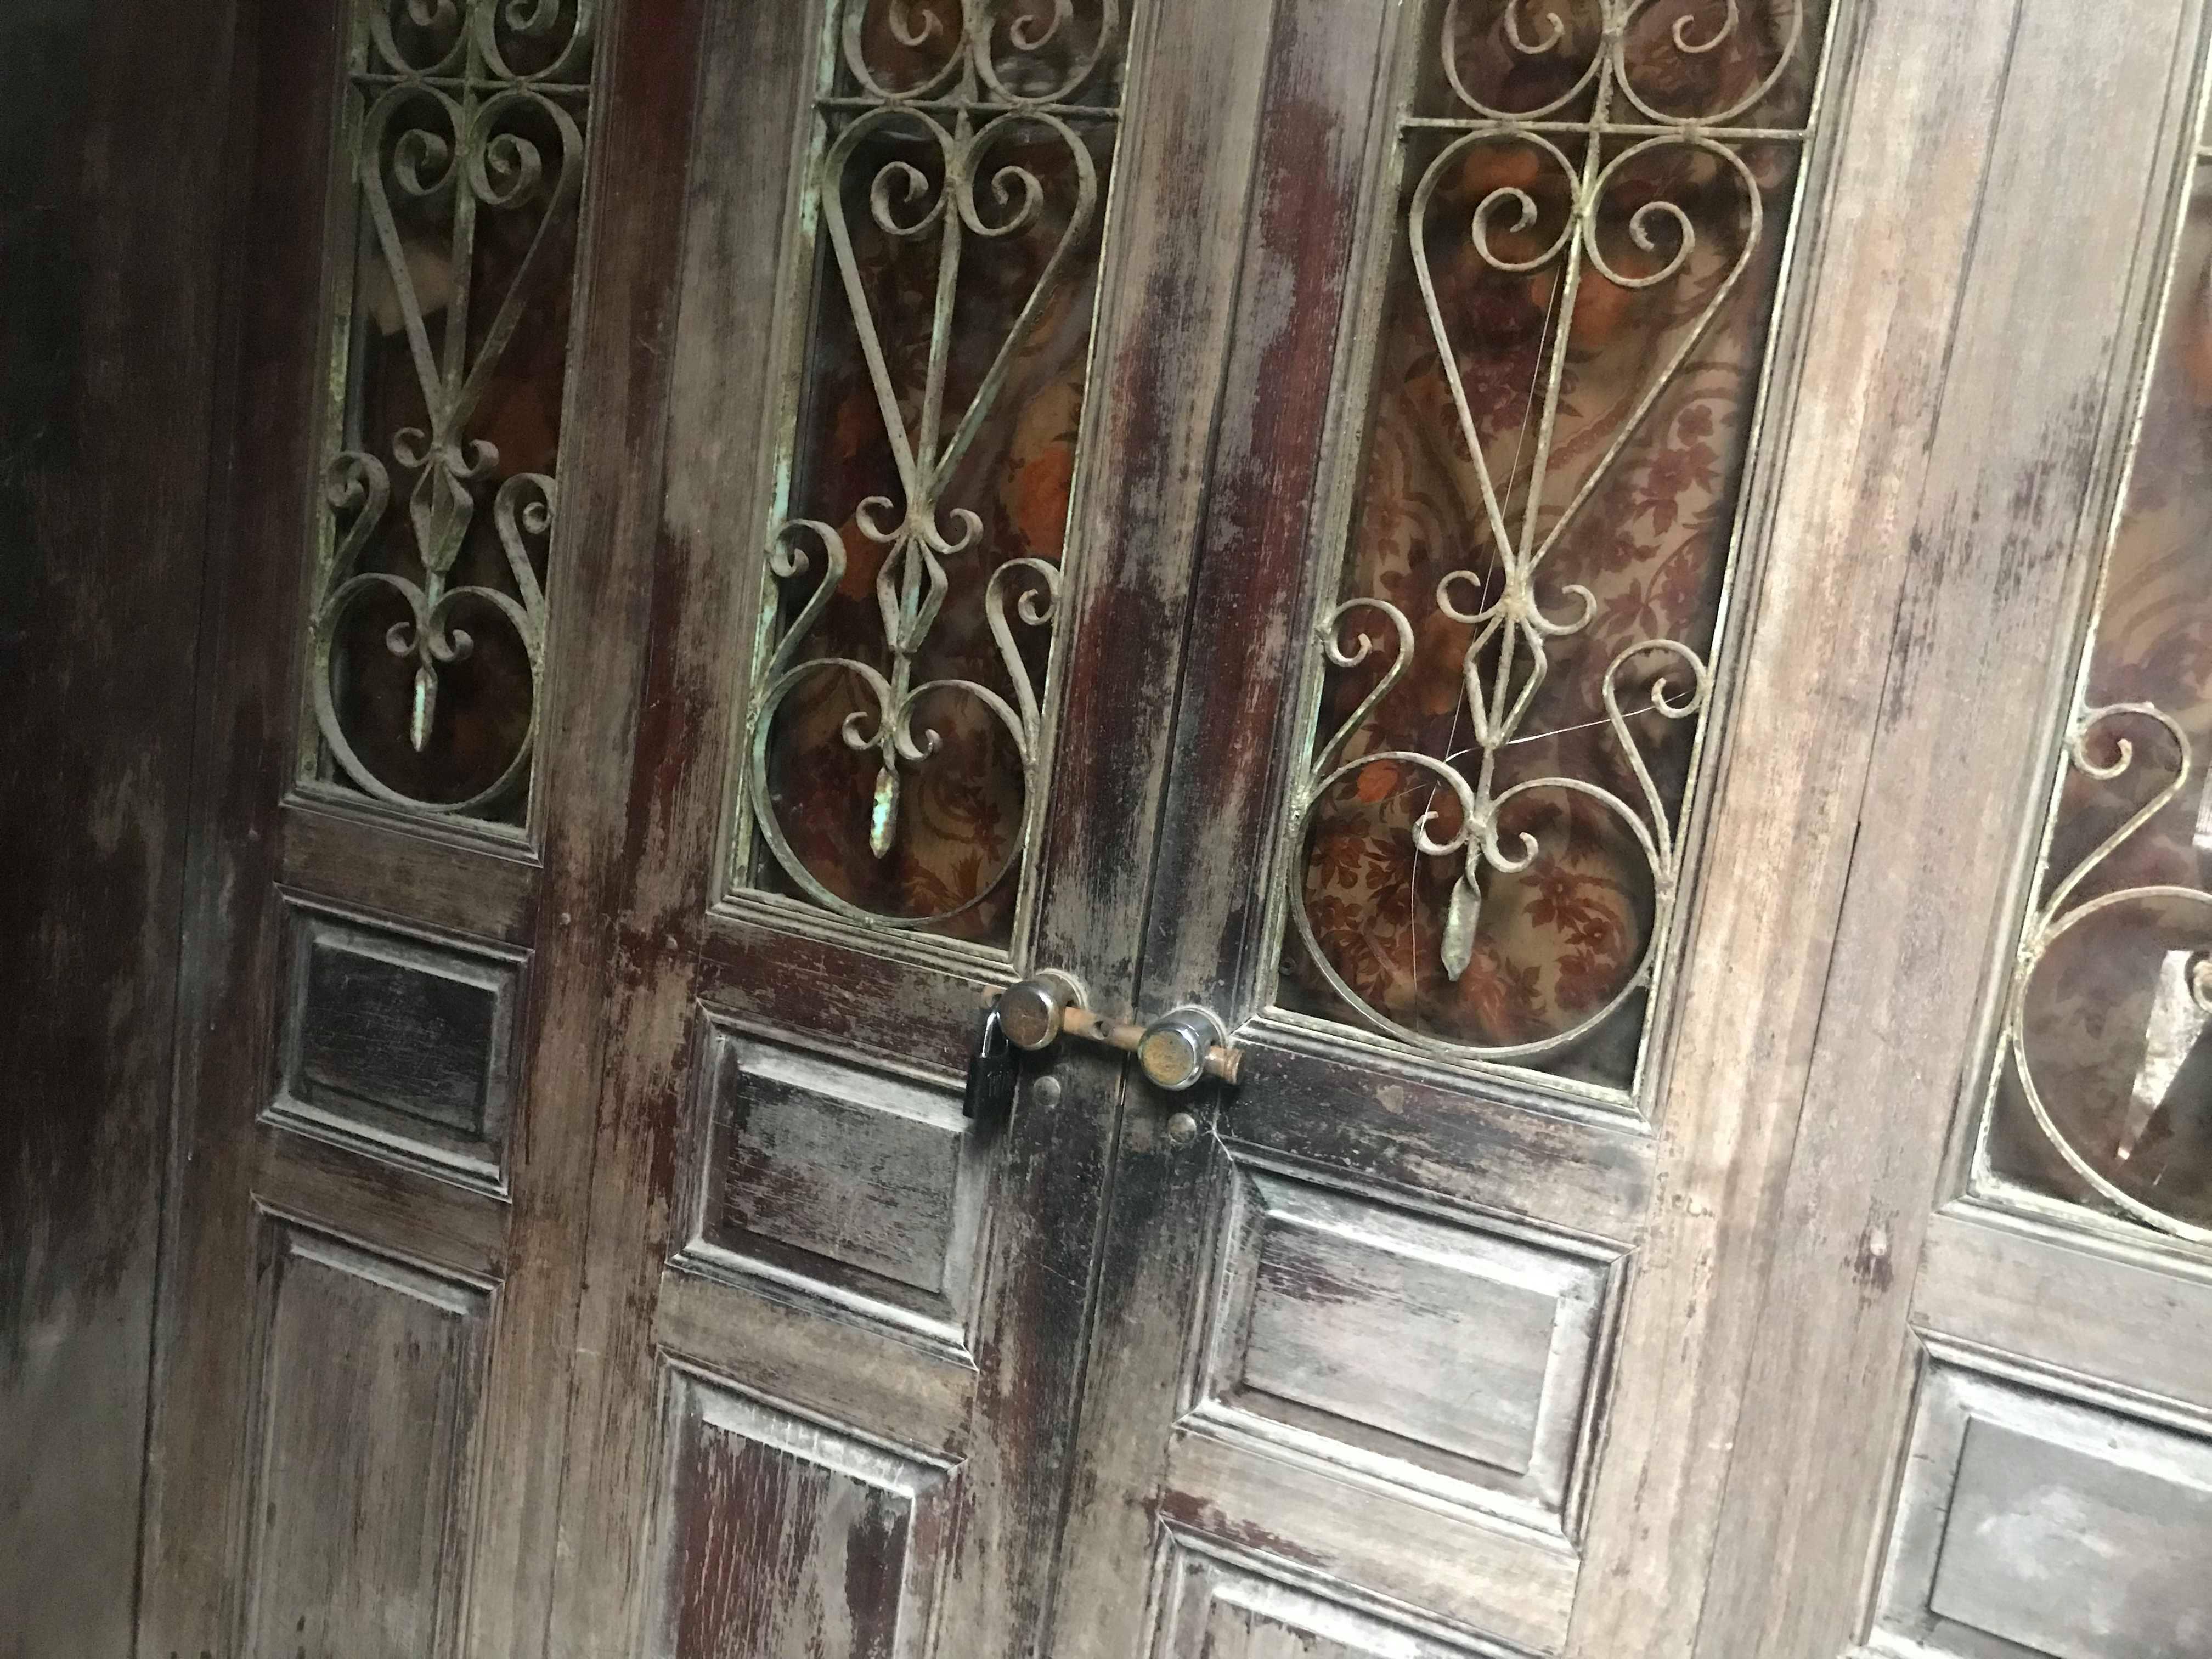 Ngôi nhà của đối tượng Ba thuê ở để hành nghề thầy cúng. Sau khi sự việc xảy ra cơ quan chức năng đẫ khóa cửa và niêm phong